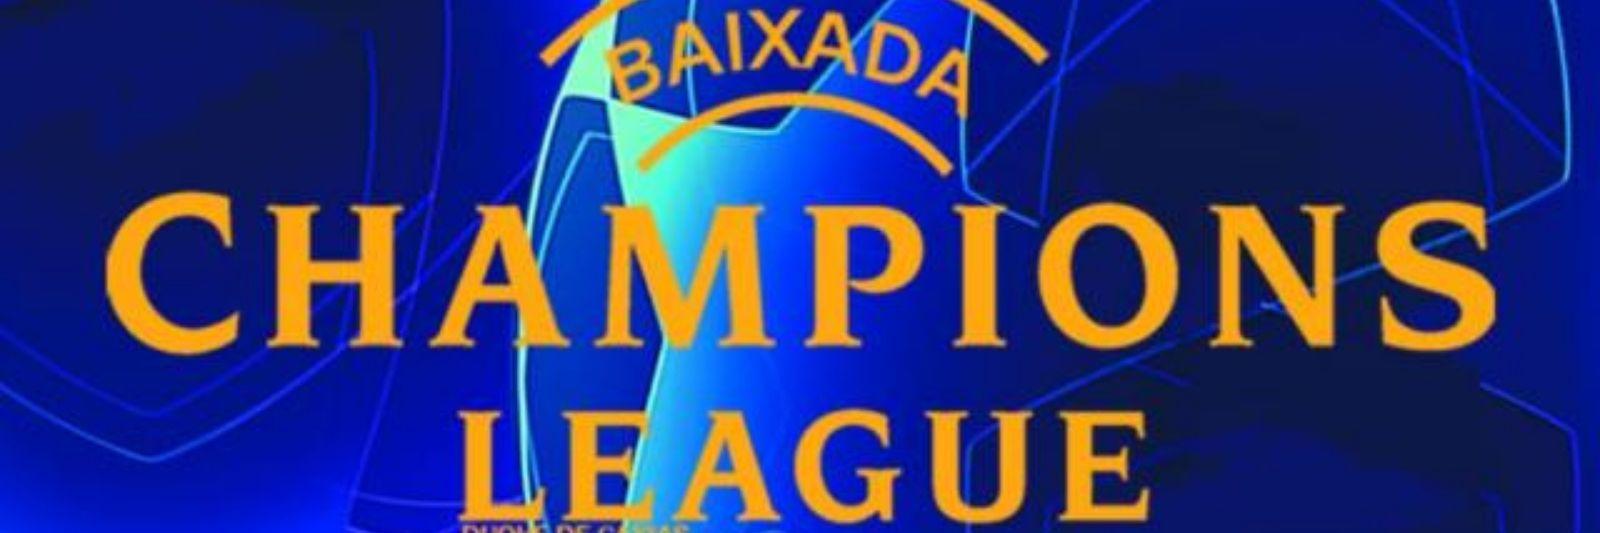 Baixada Champions League - Duque de Caxias - 2019 - (Edição Especial)